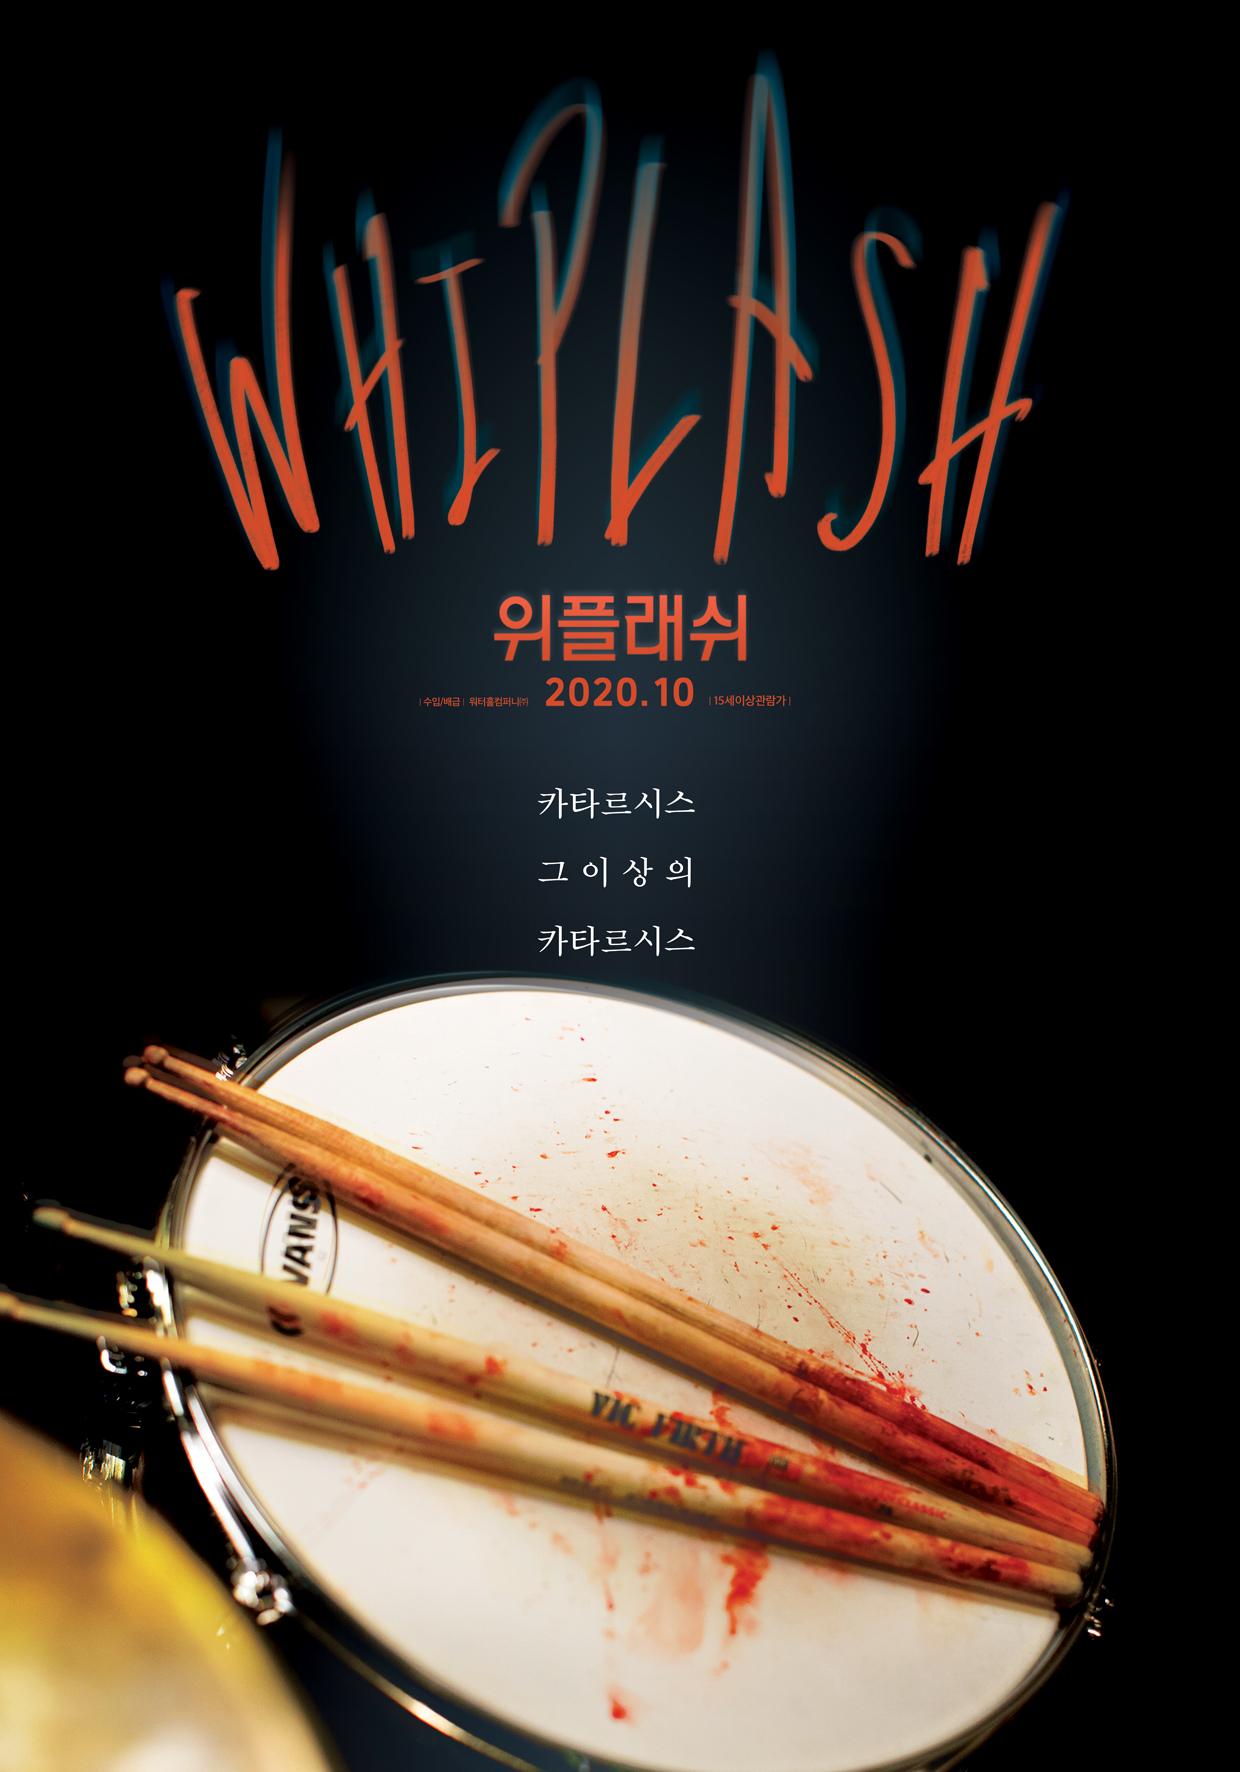 영화 '위플래쉬' 포스터. 사진 워터홀컴퍼니(주)